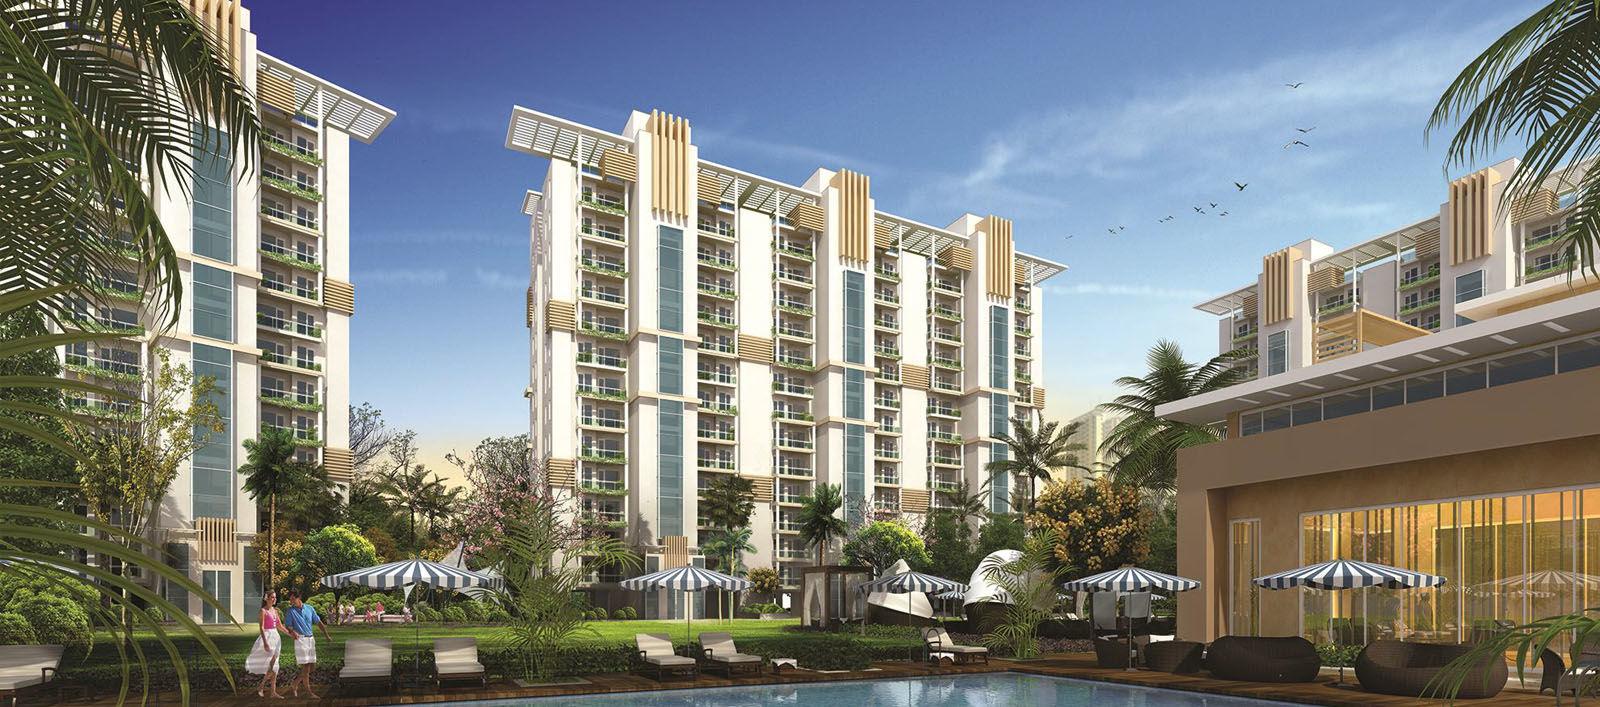 Emaar Gurgaon Greens Site Plan